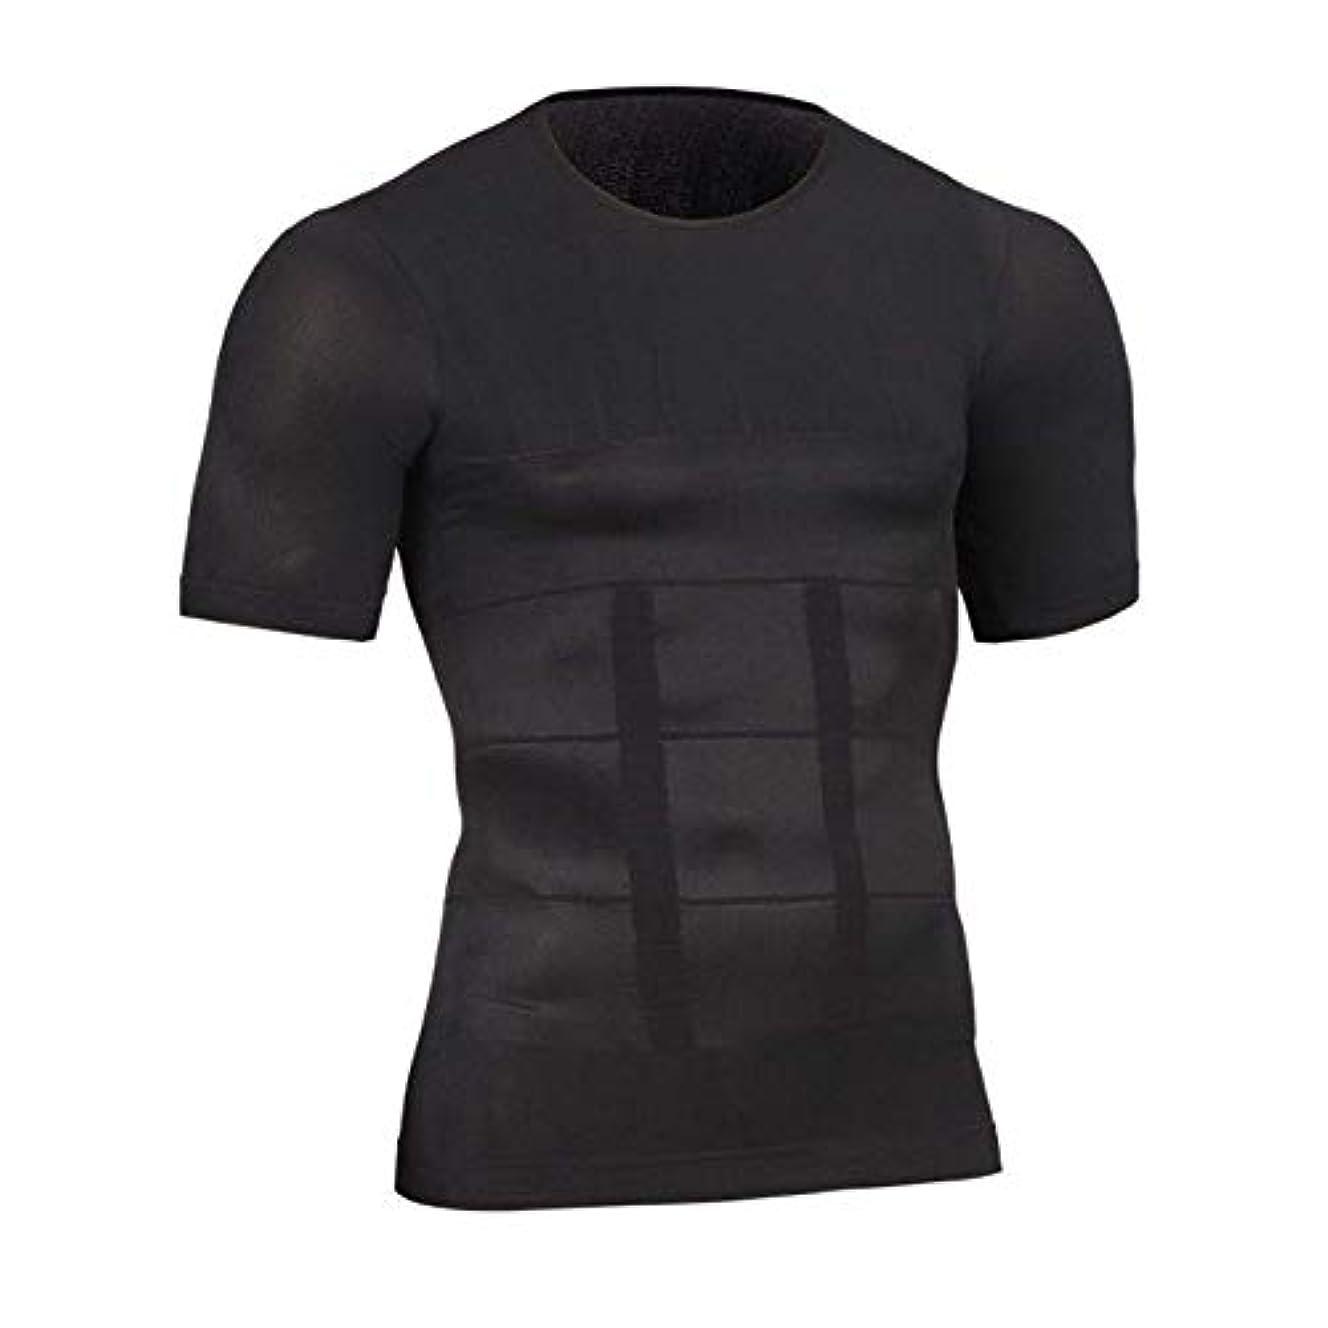 有名人祈る手首NEOBODY メンズ 加圧 シャツ 半袖 インナー Tシャツ ダイエット 補正下着 吸汗速乾 コンプレッションウェア ブラック M